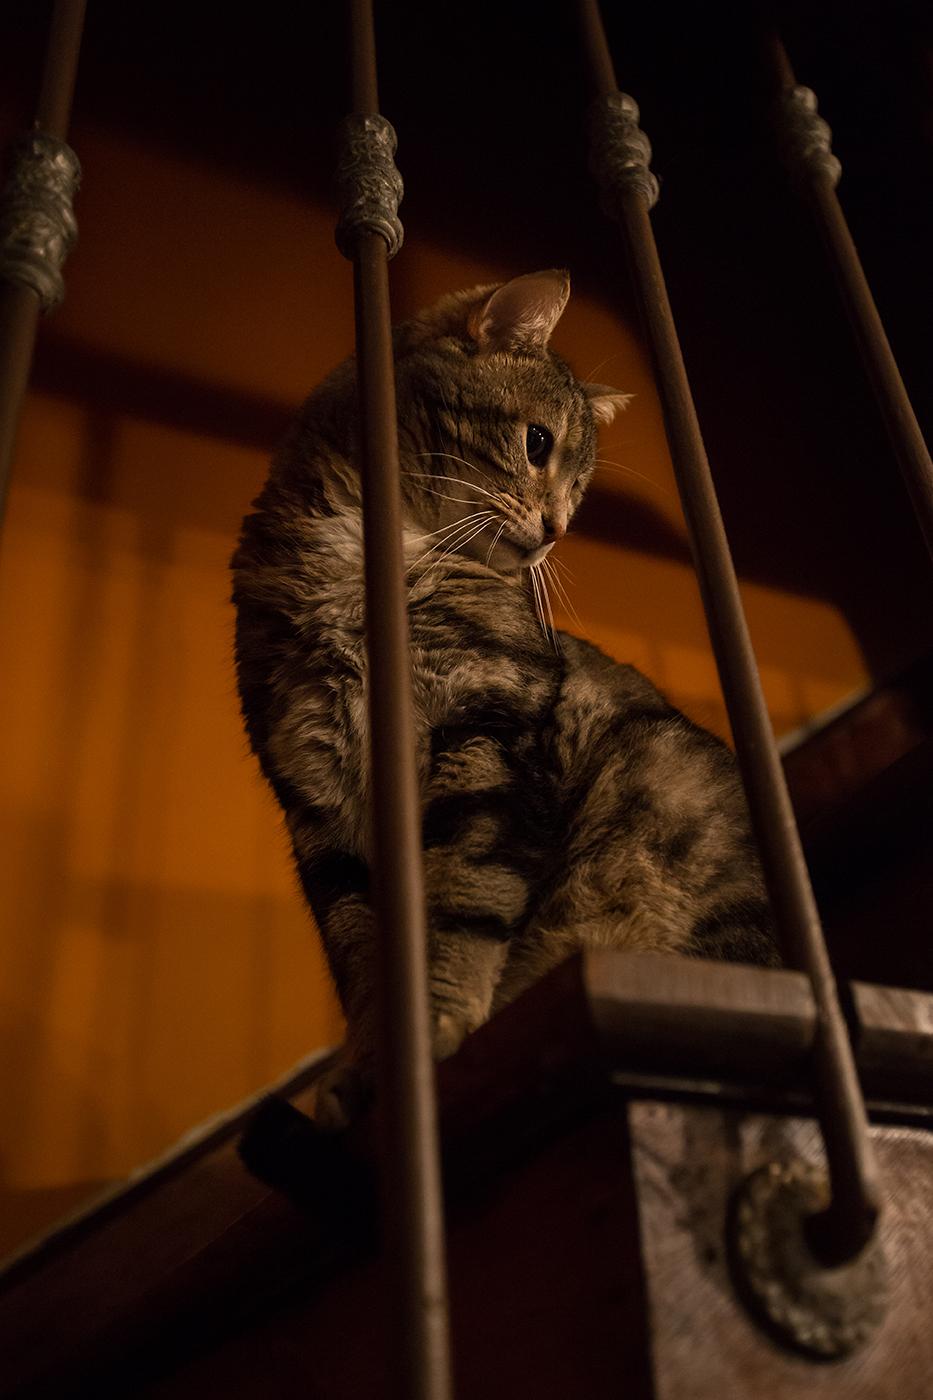 photographe-animalier-chat-poitiers-guillaume-heraud-23